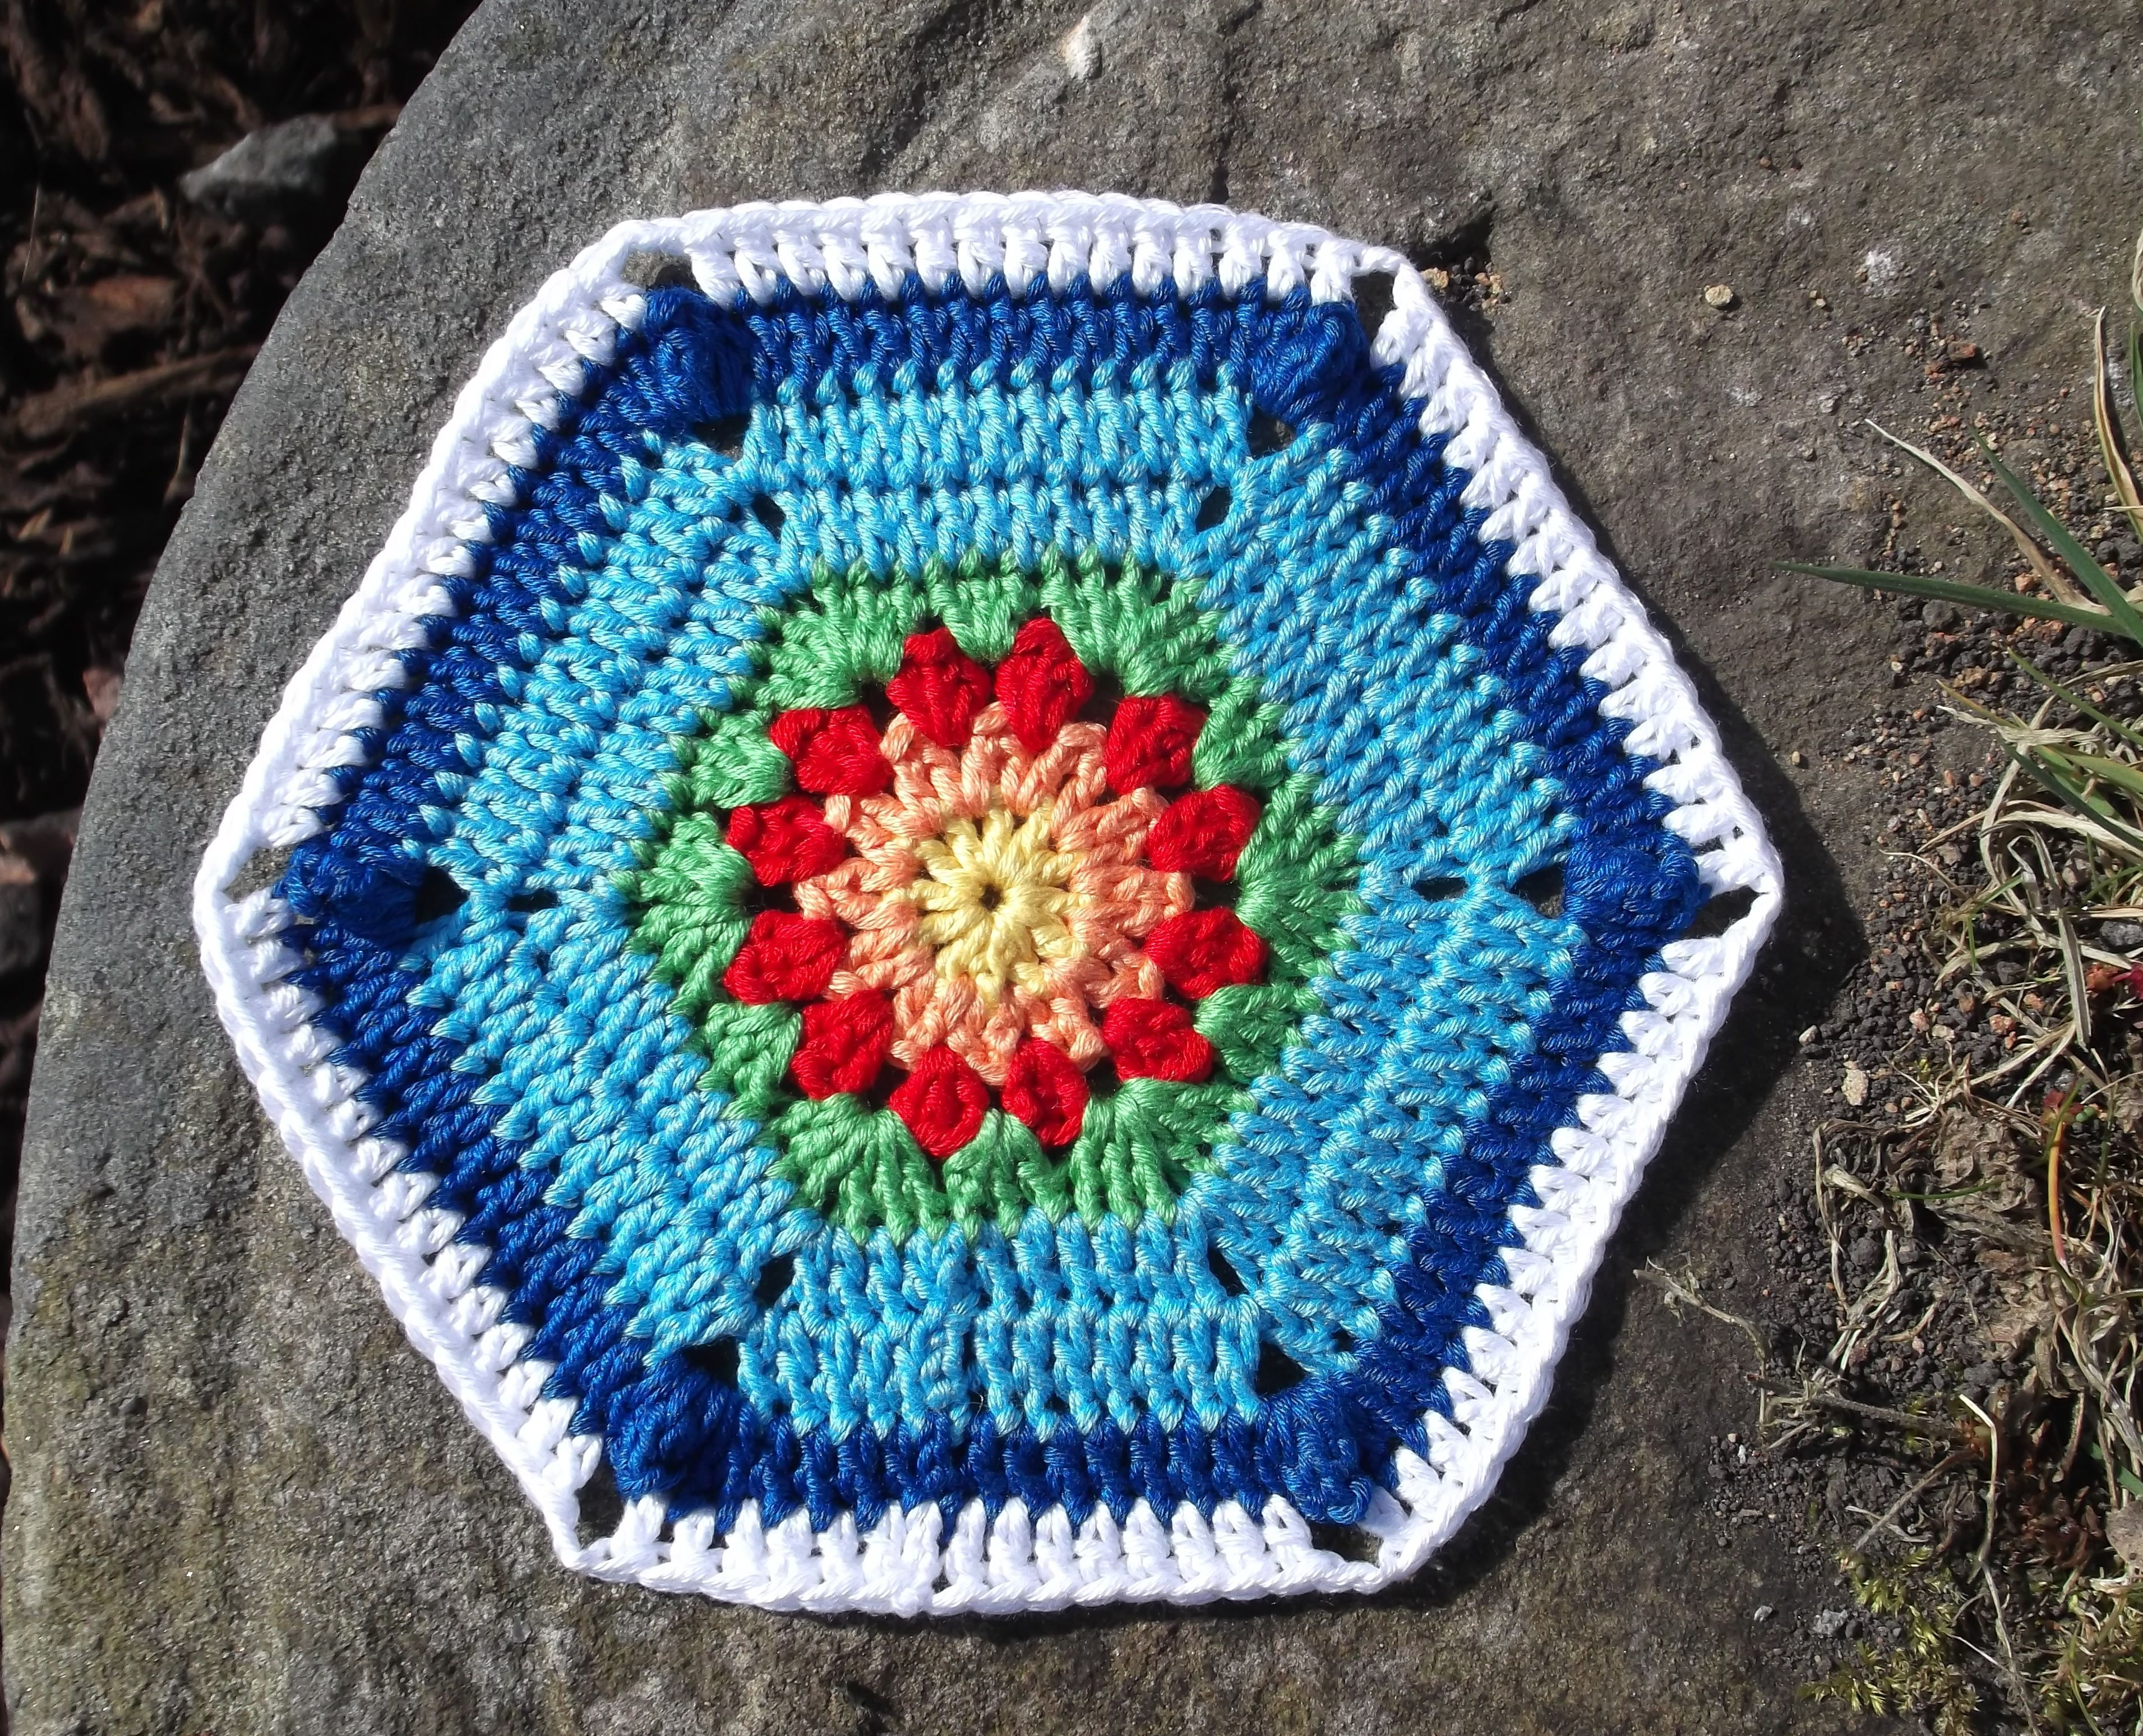 More hexagon crochets